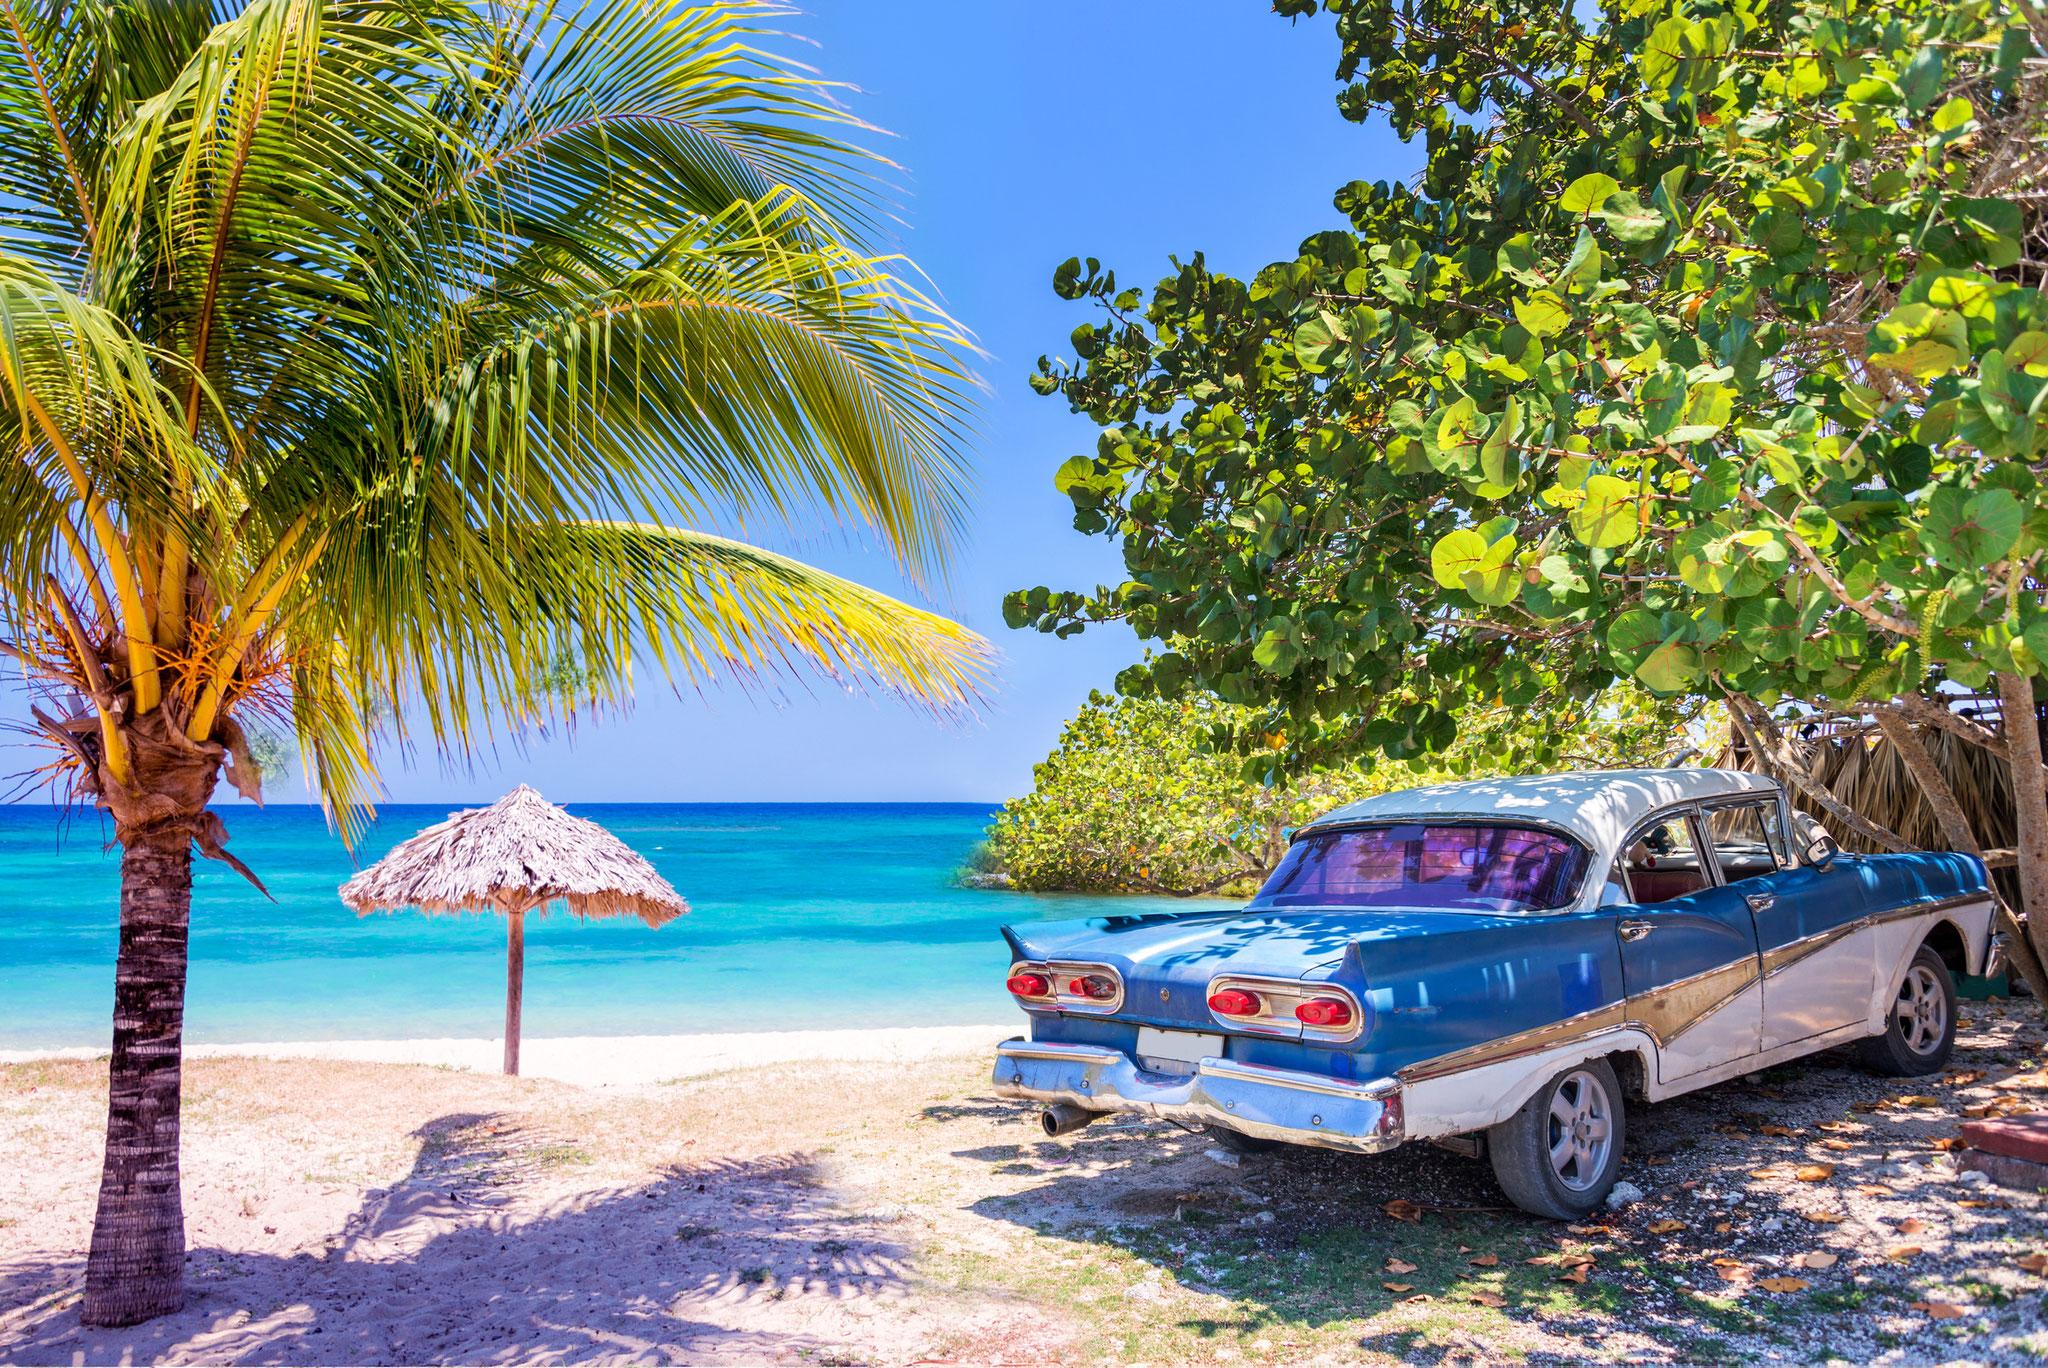 Das gibt es nur in Kuba